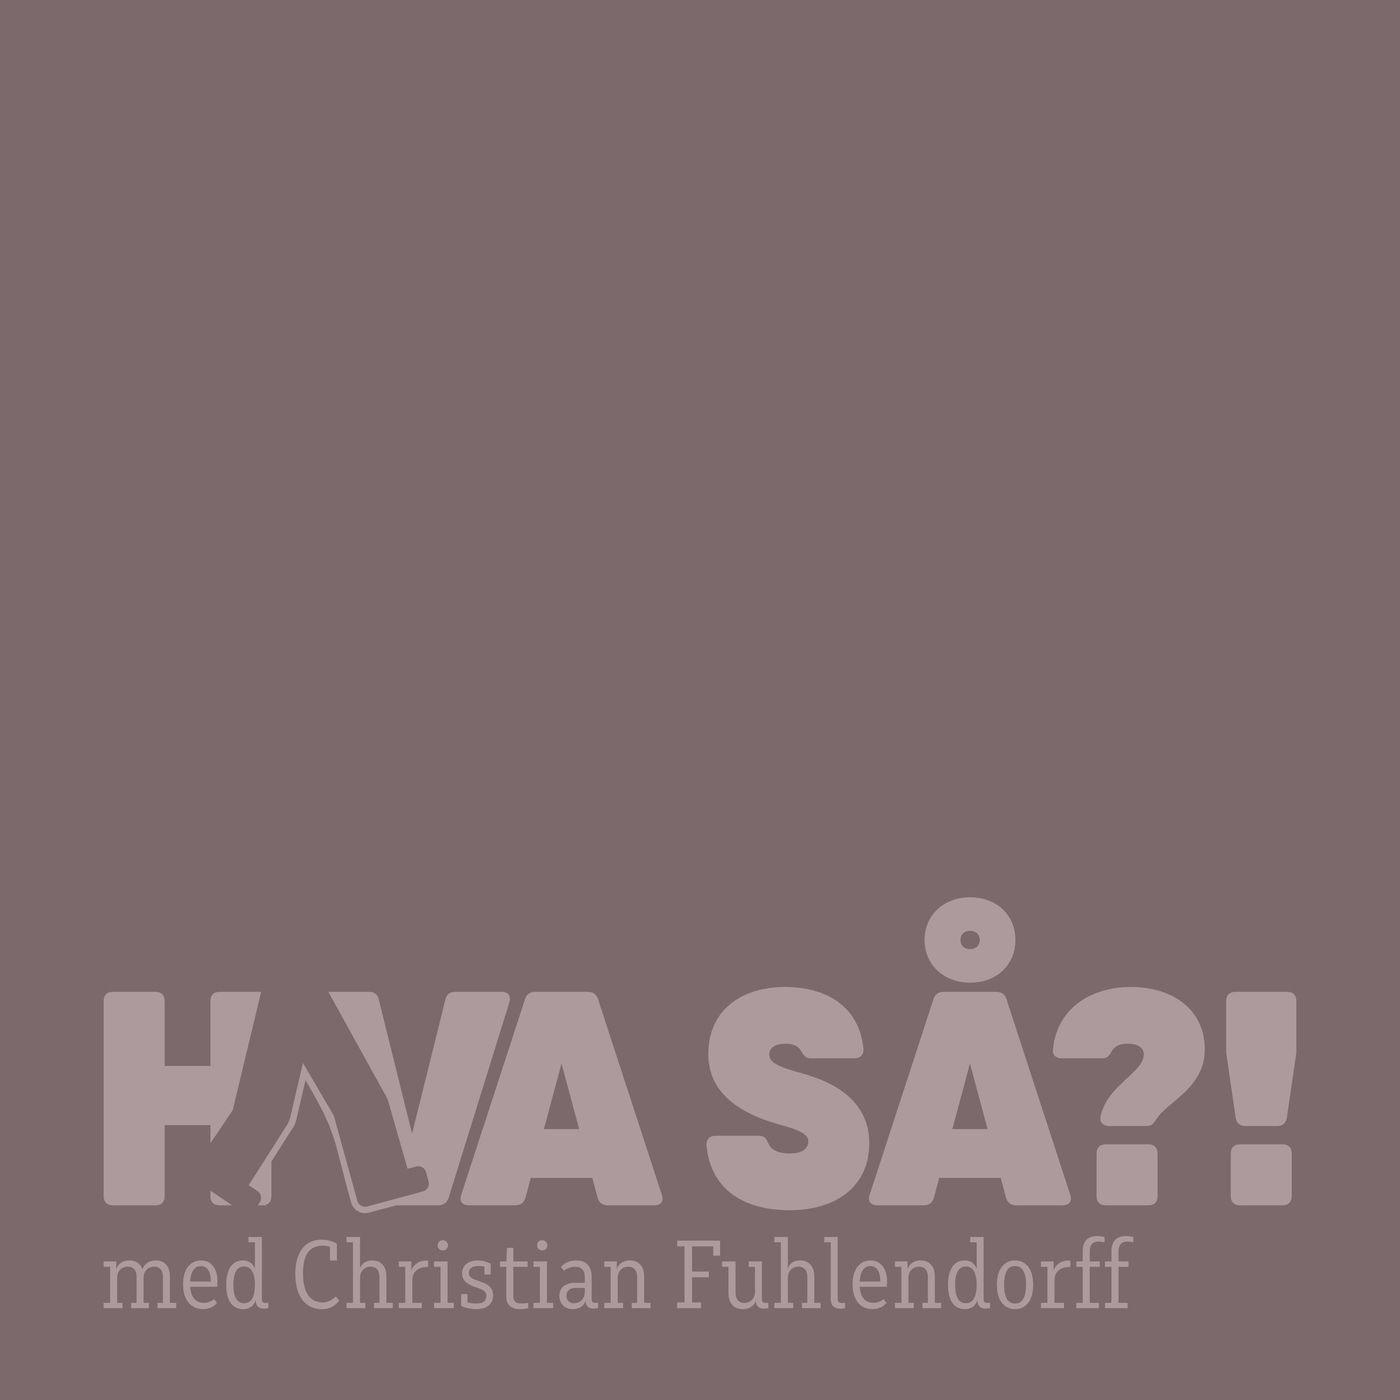 Hva så?! - Morten Resen